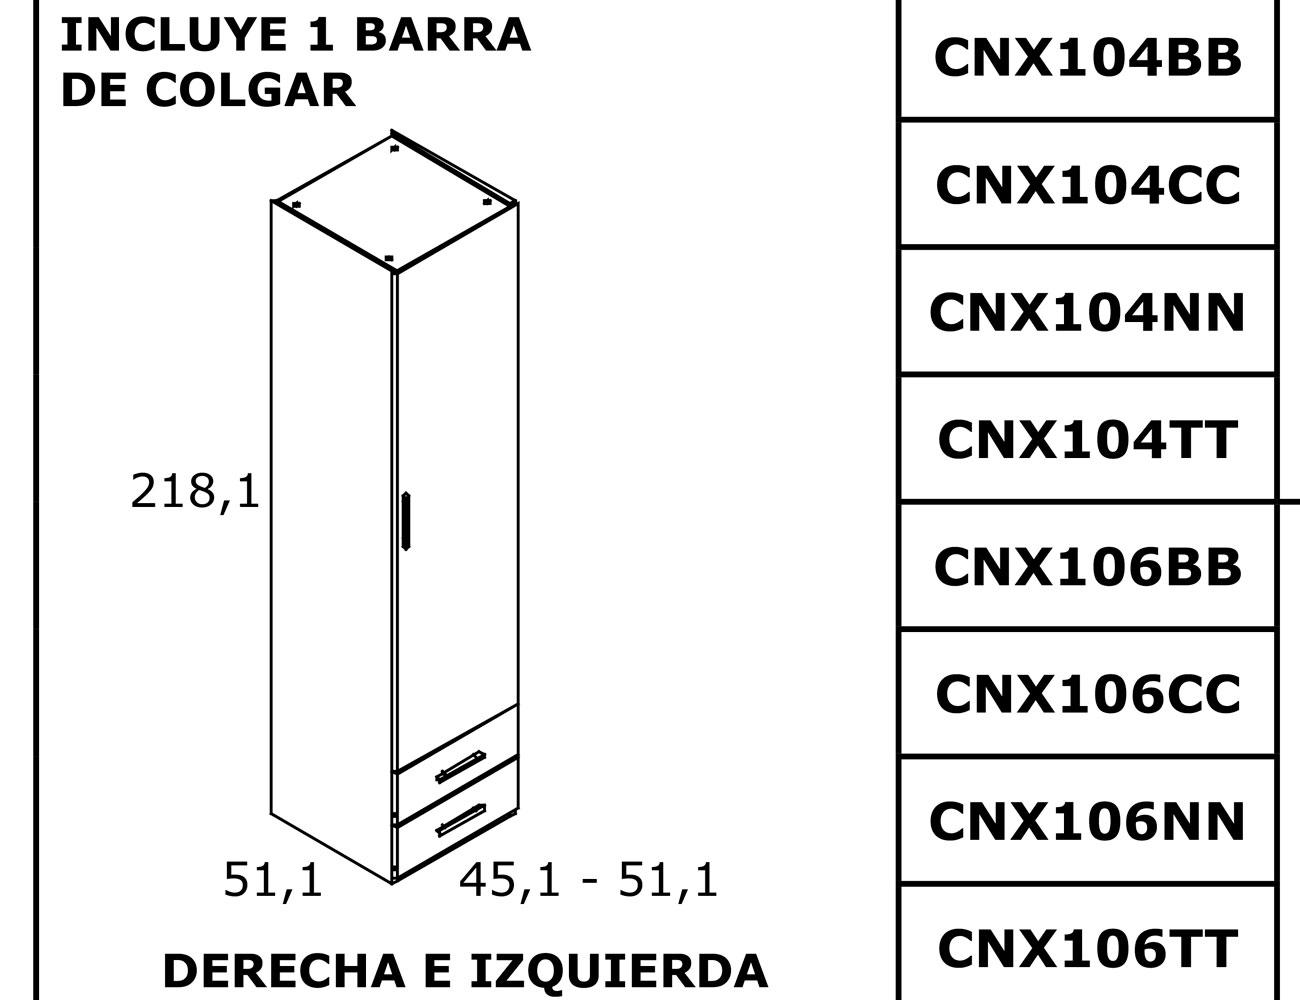 Cnx1041